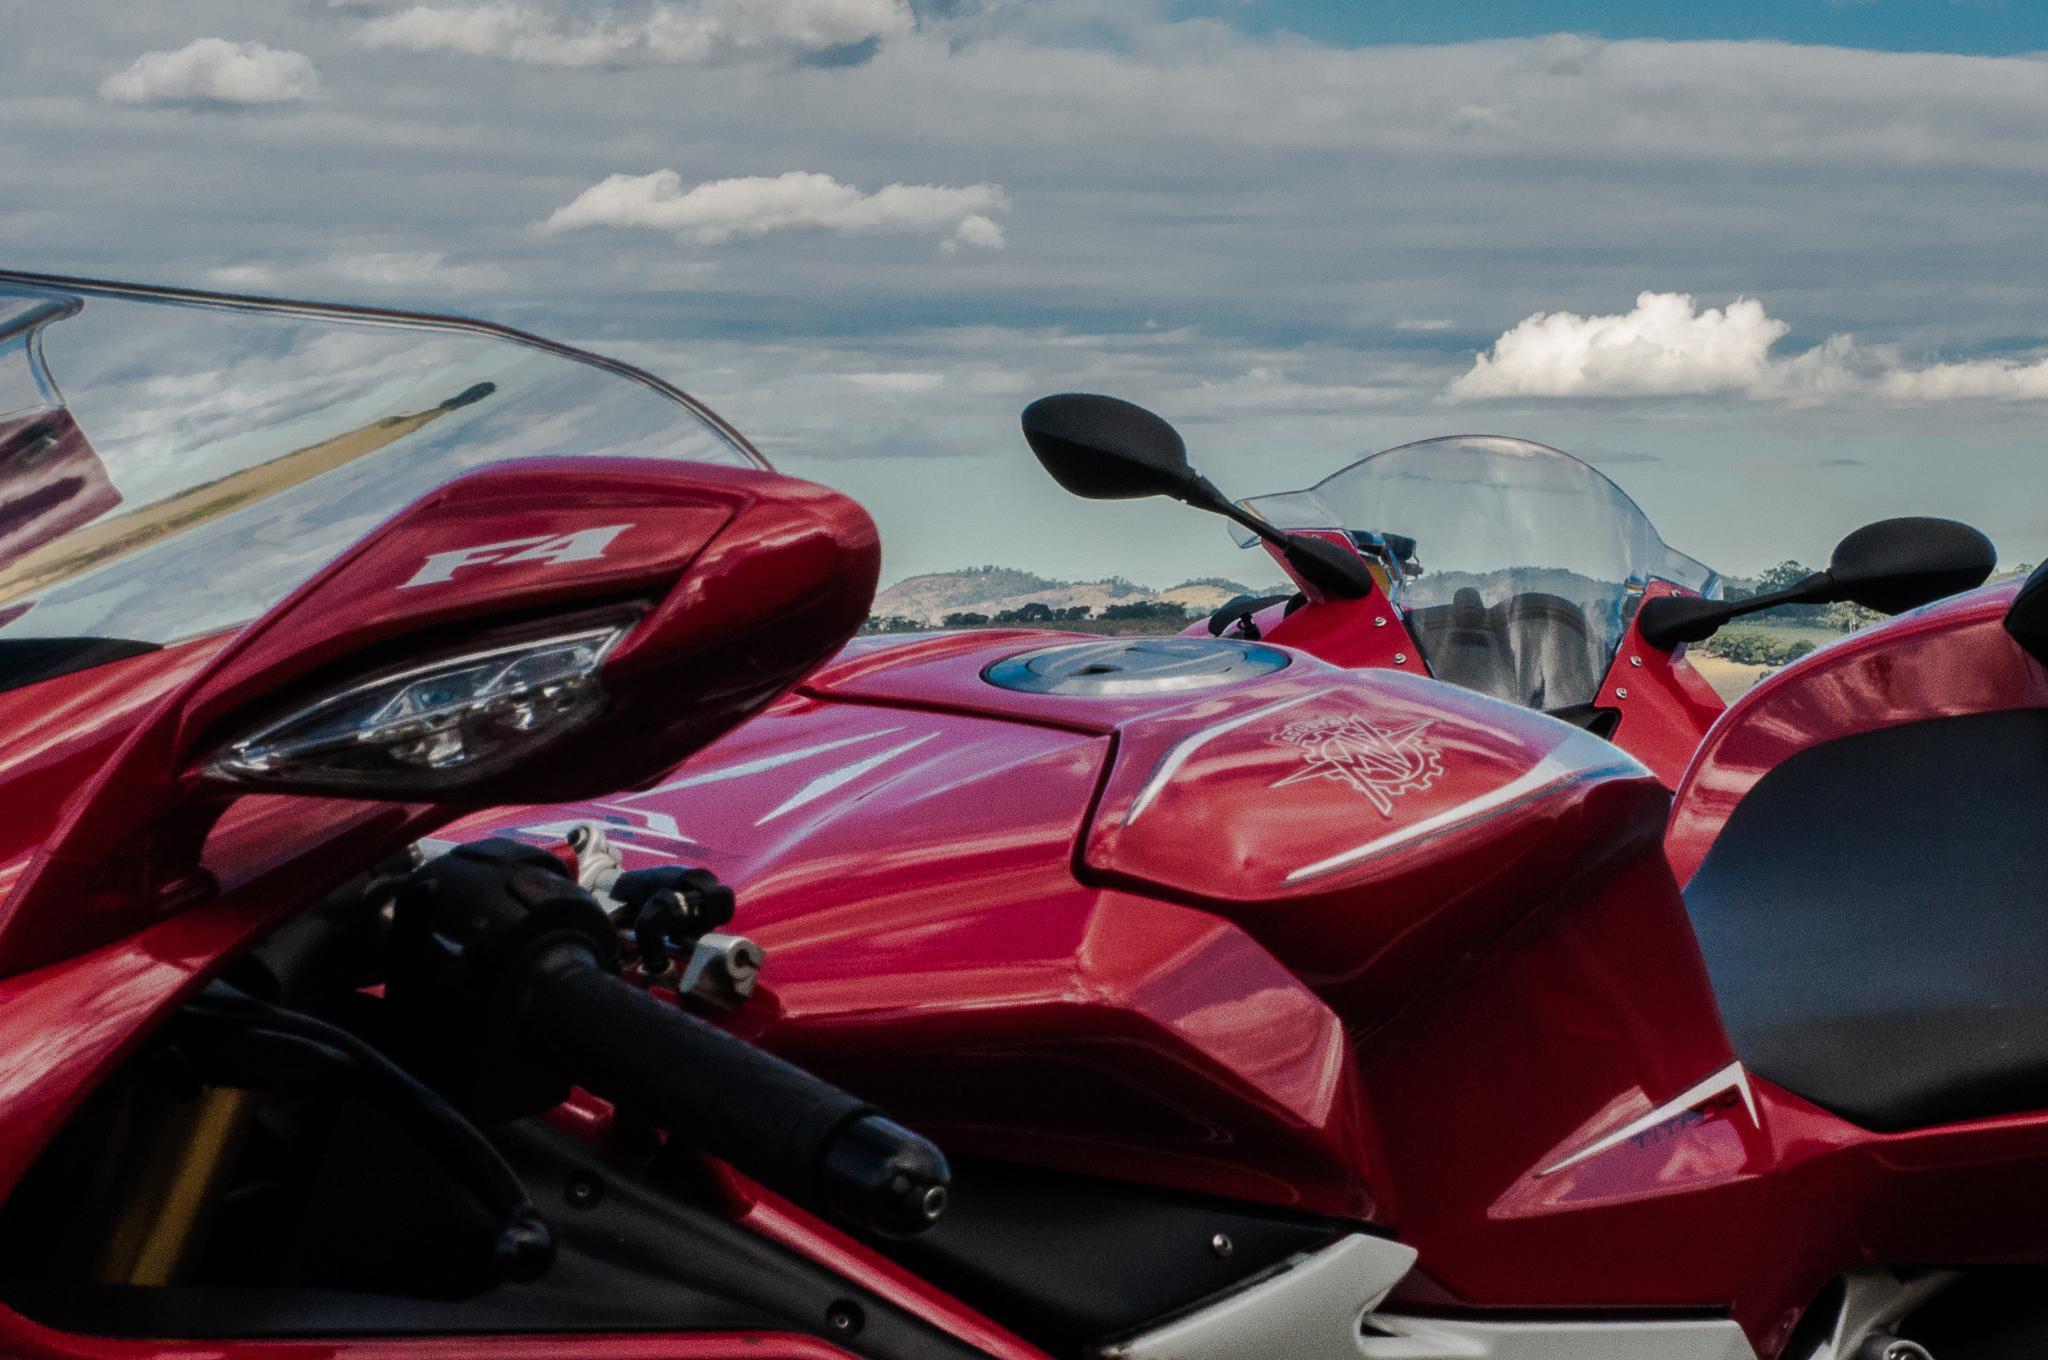 Motorrad by iri_jr